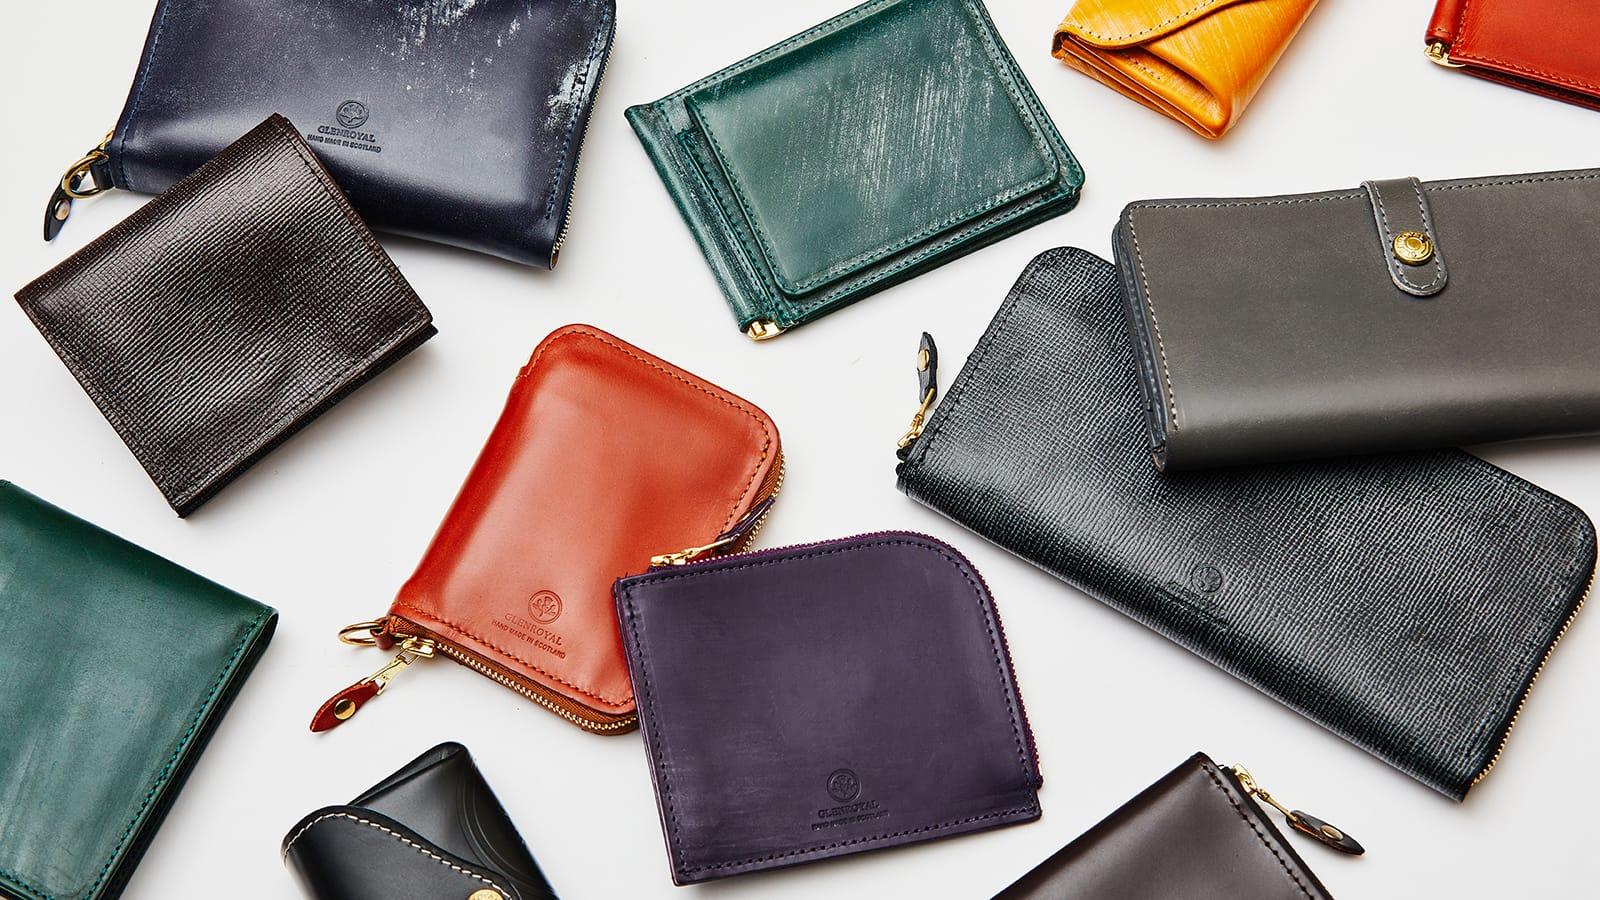 新たに選ぶ、長く使えるグレンロイヤルの革財布|自分にピッタリの選び方